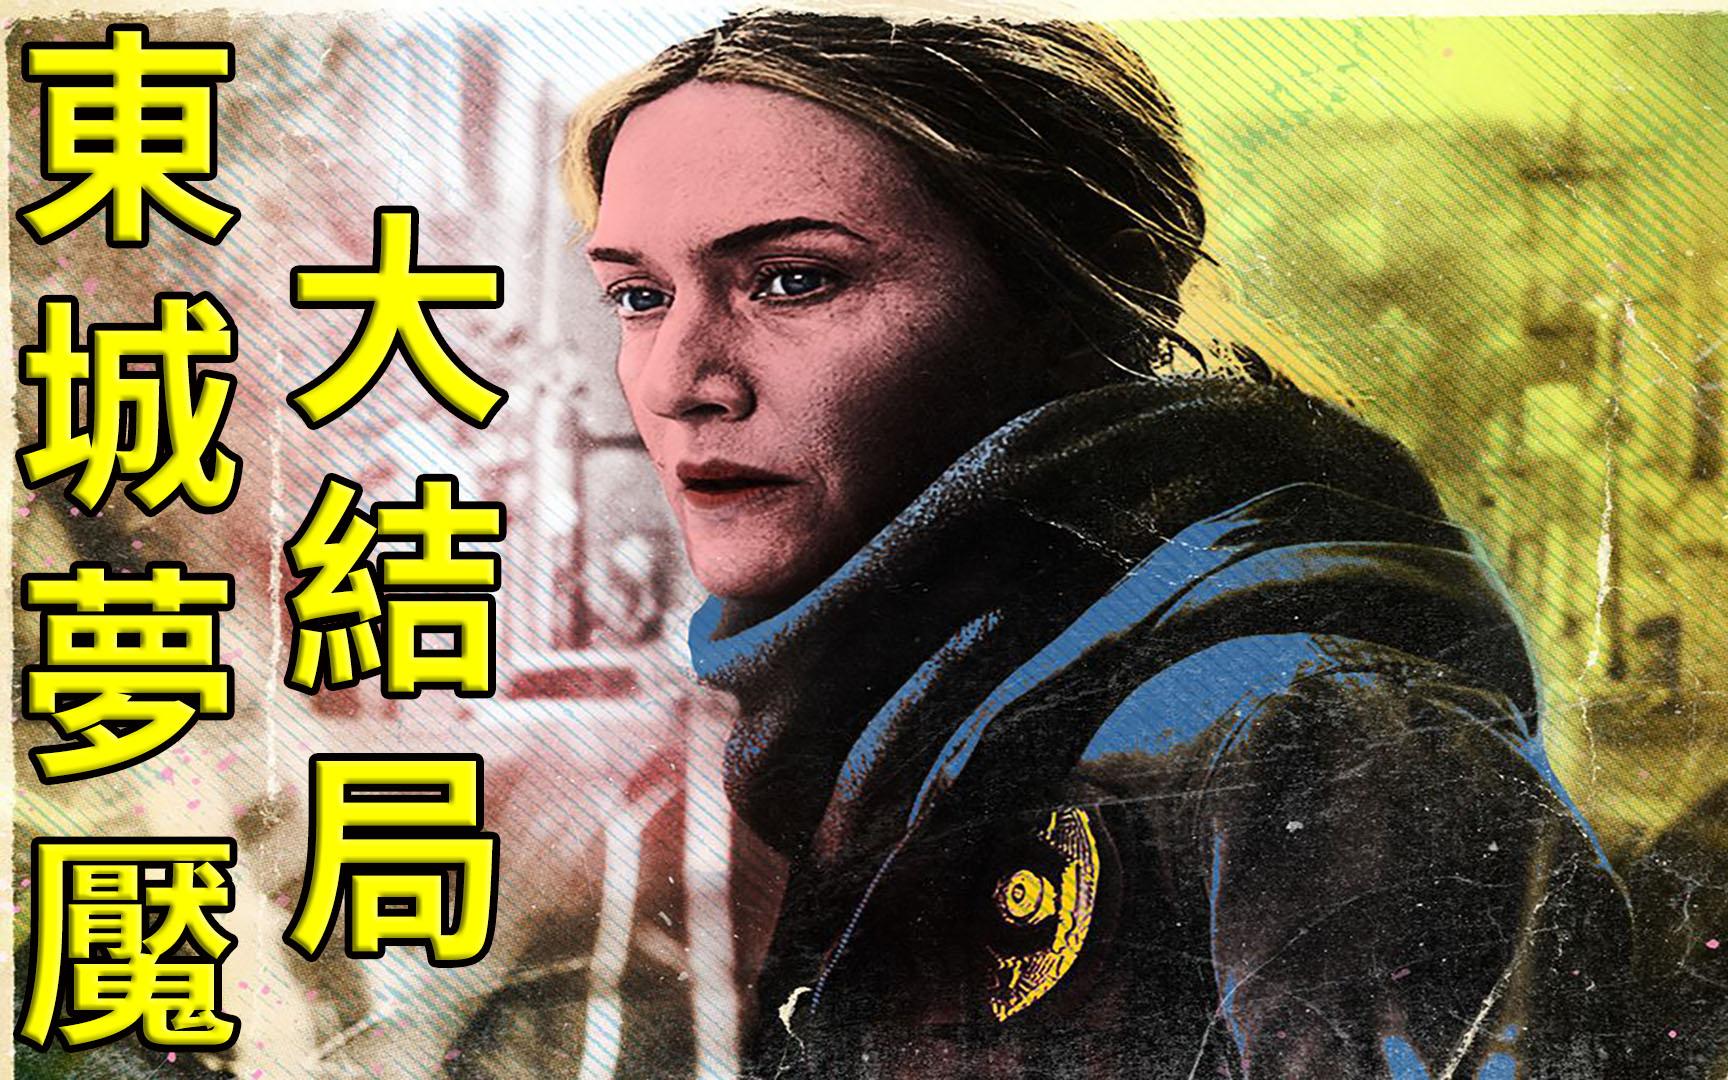 东城梦魇03大结局,21年最佳美剧反转收尾。美国小镇罪恶谁来买单